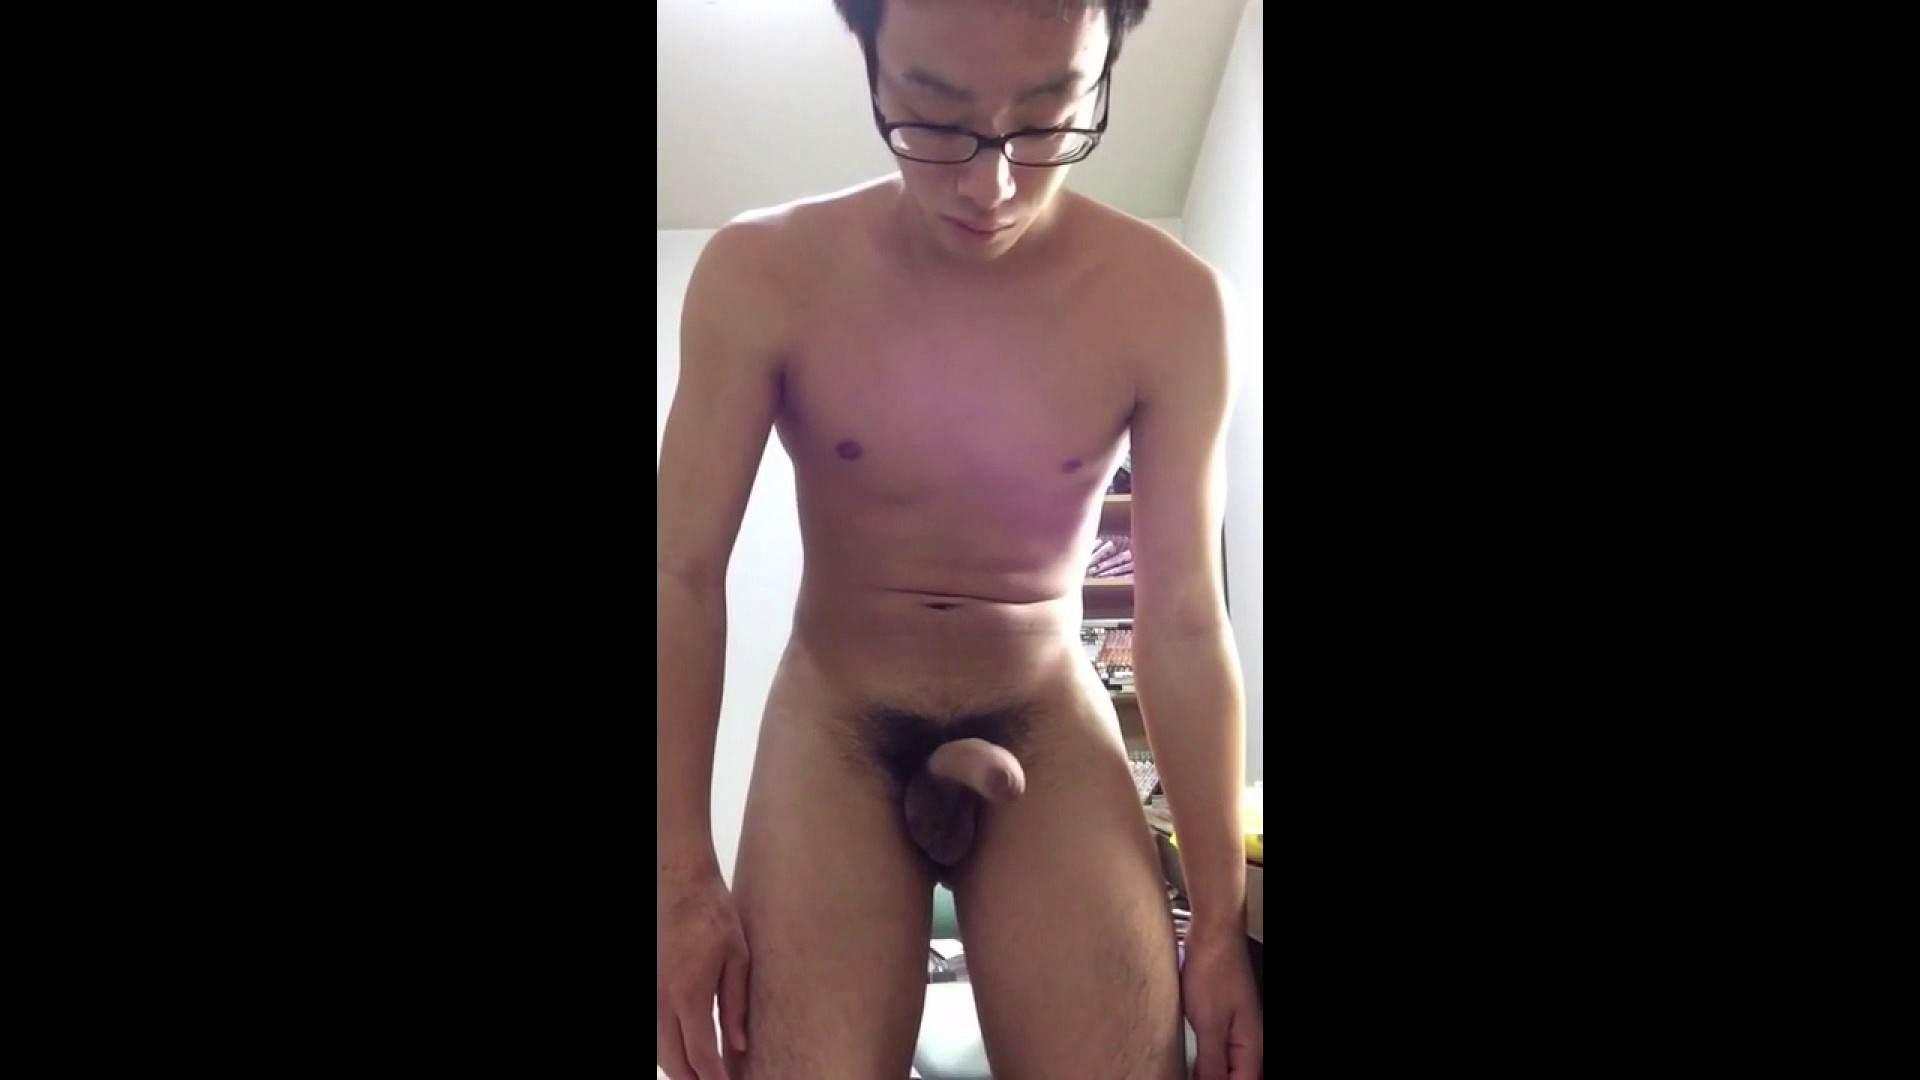 ゆめかわな男子のゆめかわオナニー   vol.16 フェラ男子 ゲイエロ動画 86連発 40